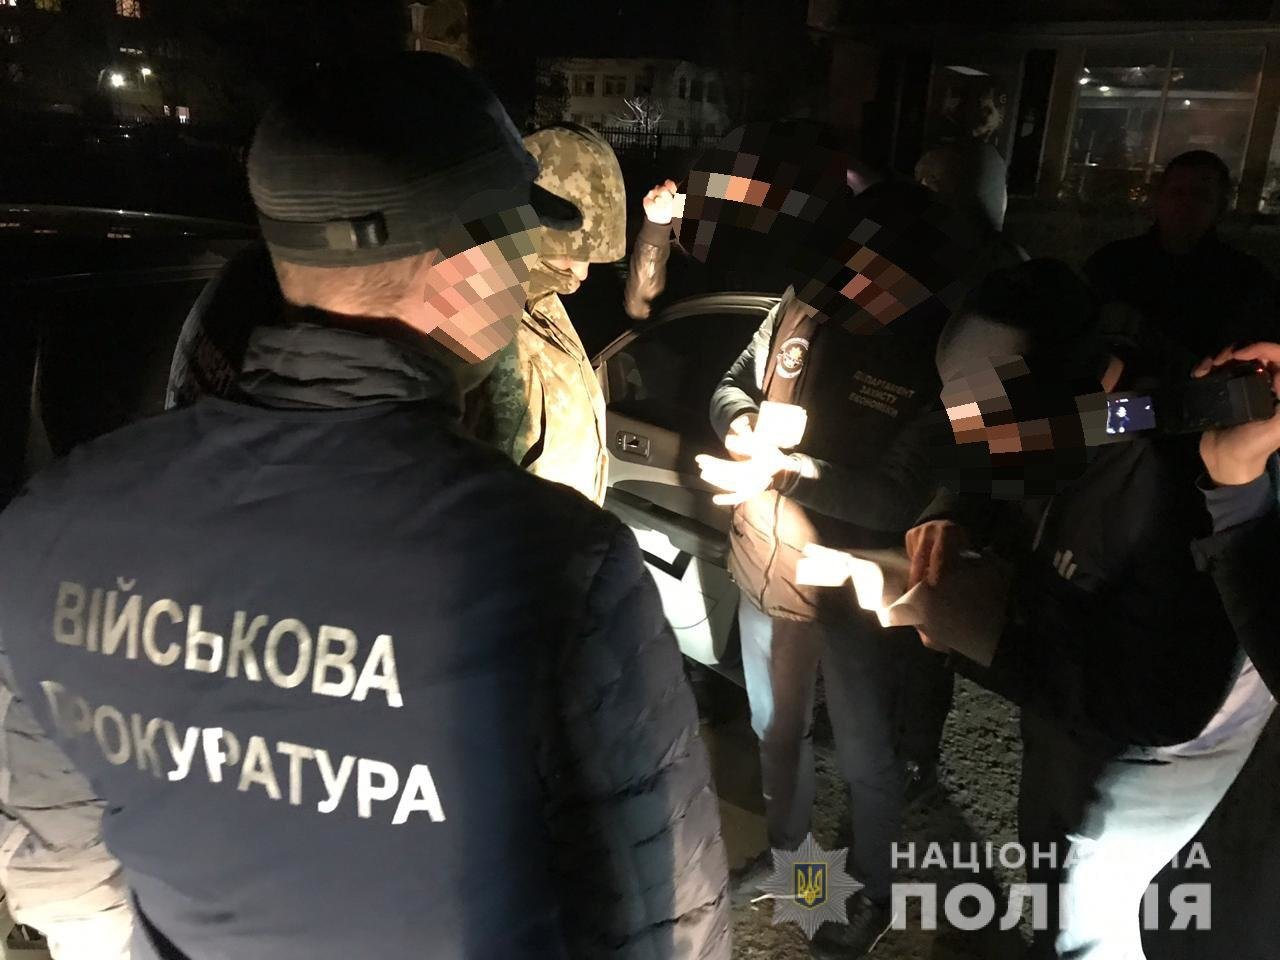 Закарпатського прикордонника, який вимагав гроші за сприяння у переміщенні нелегалів, взяли під варту, фото-1